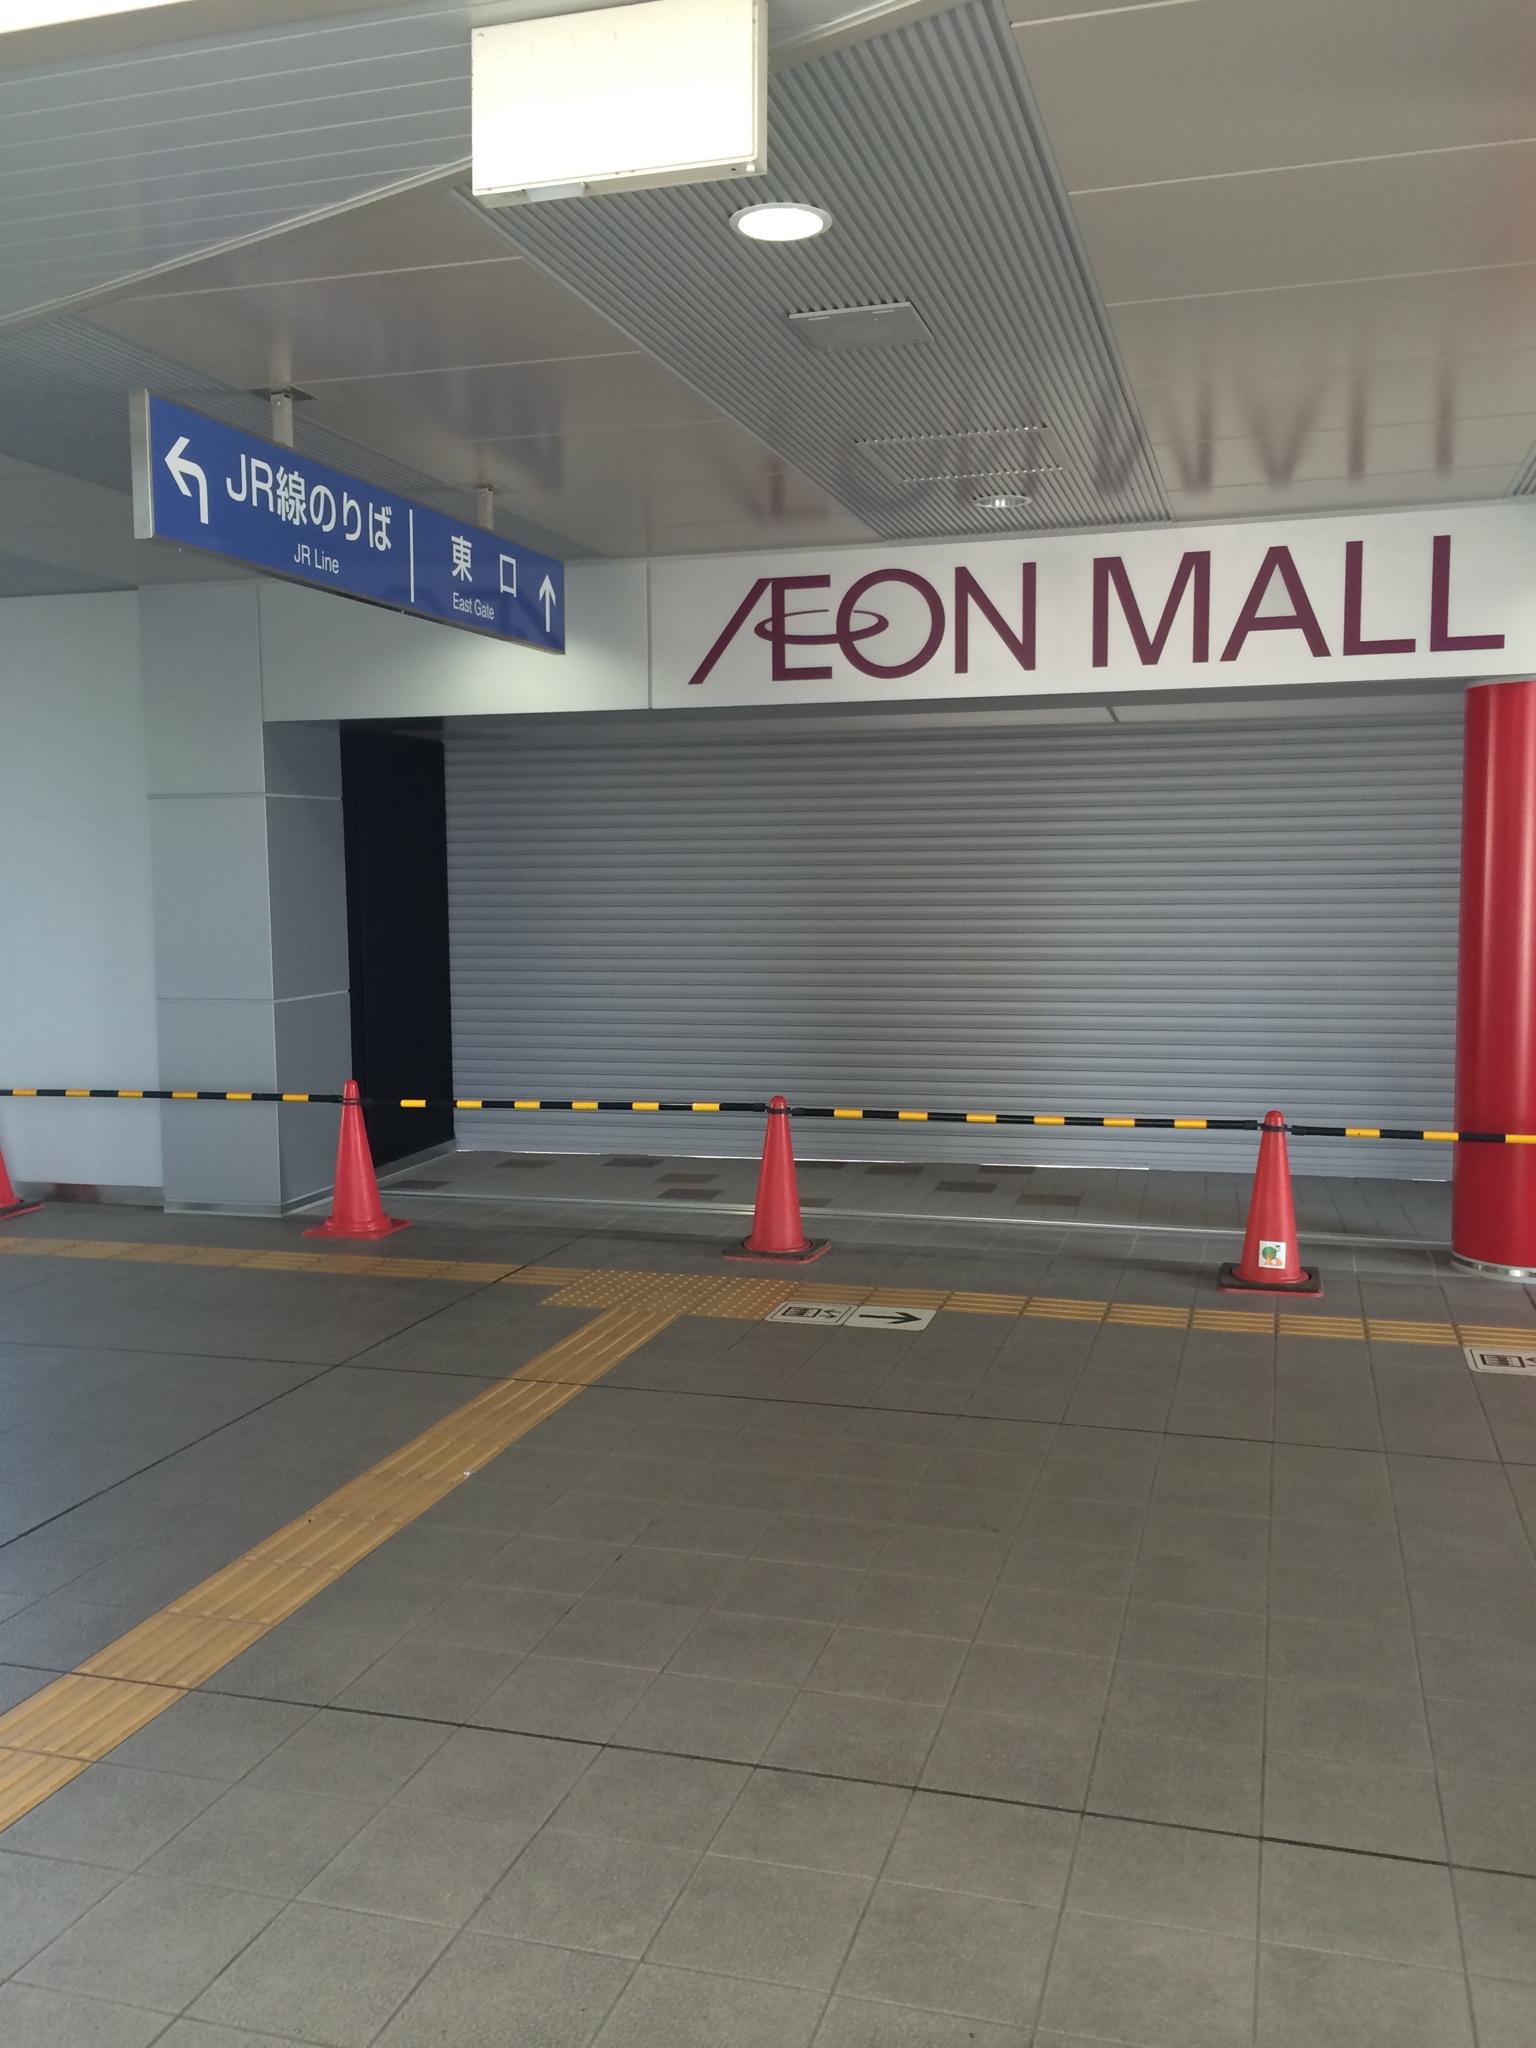 イオンモール桂川駅とJR桂川駅が直結したぞ!